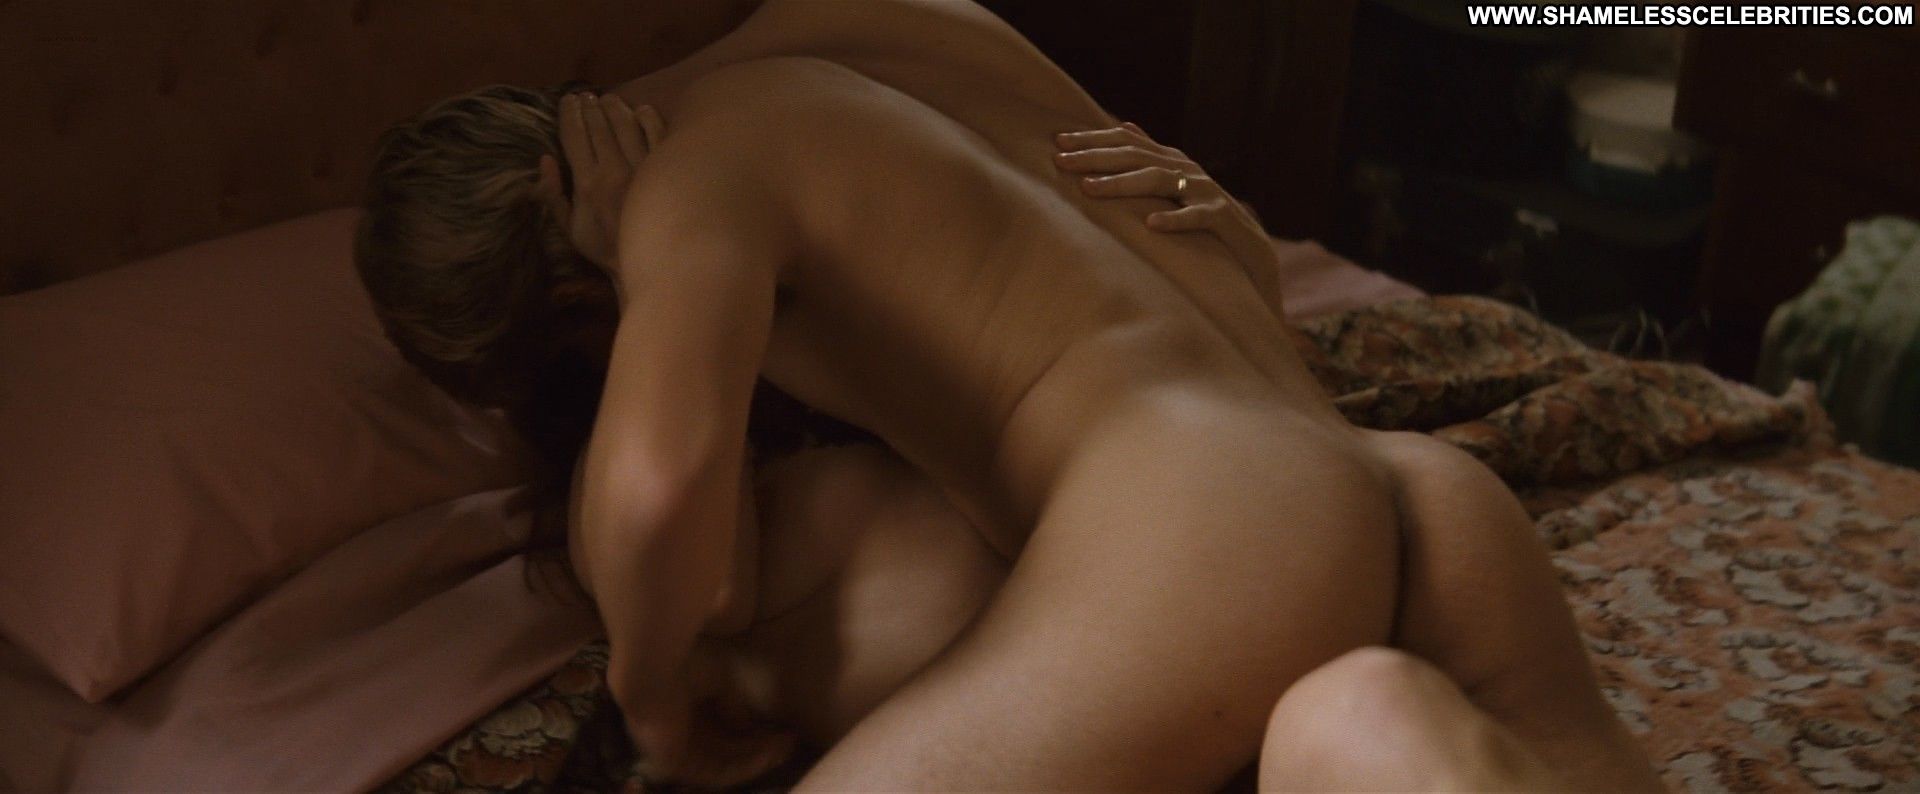 www.sex.com köpa sex flashback